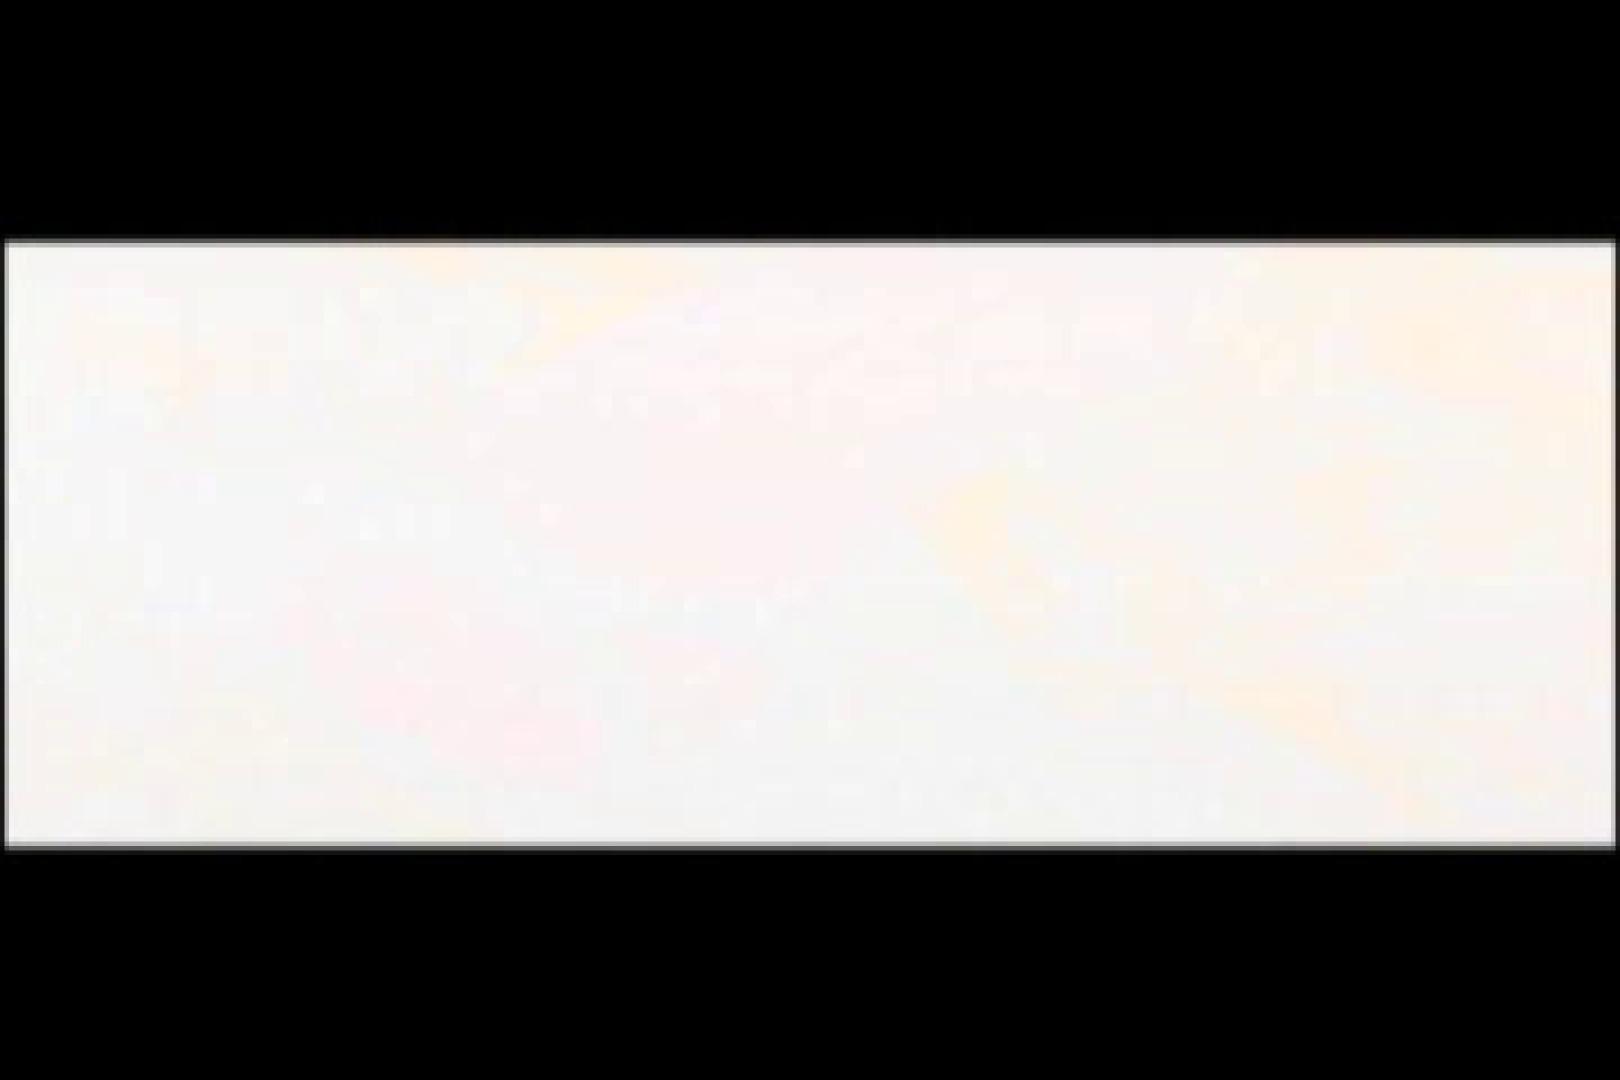 WORLD NEW HALF vol3 エロすぎる映像   男の世界  54画像 22